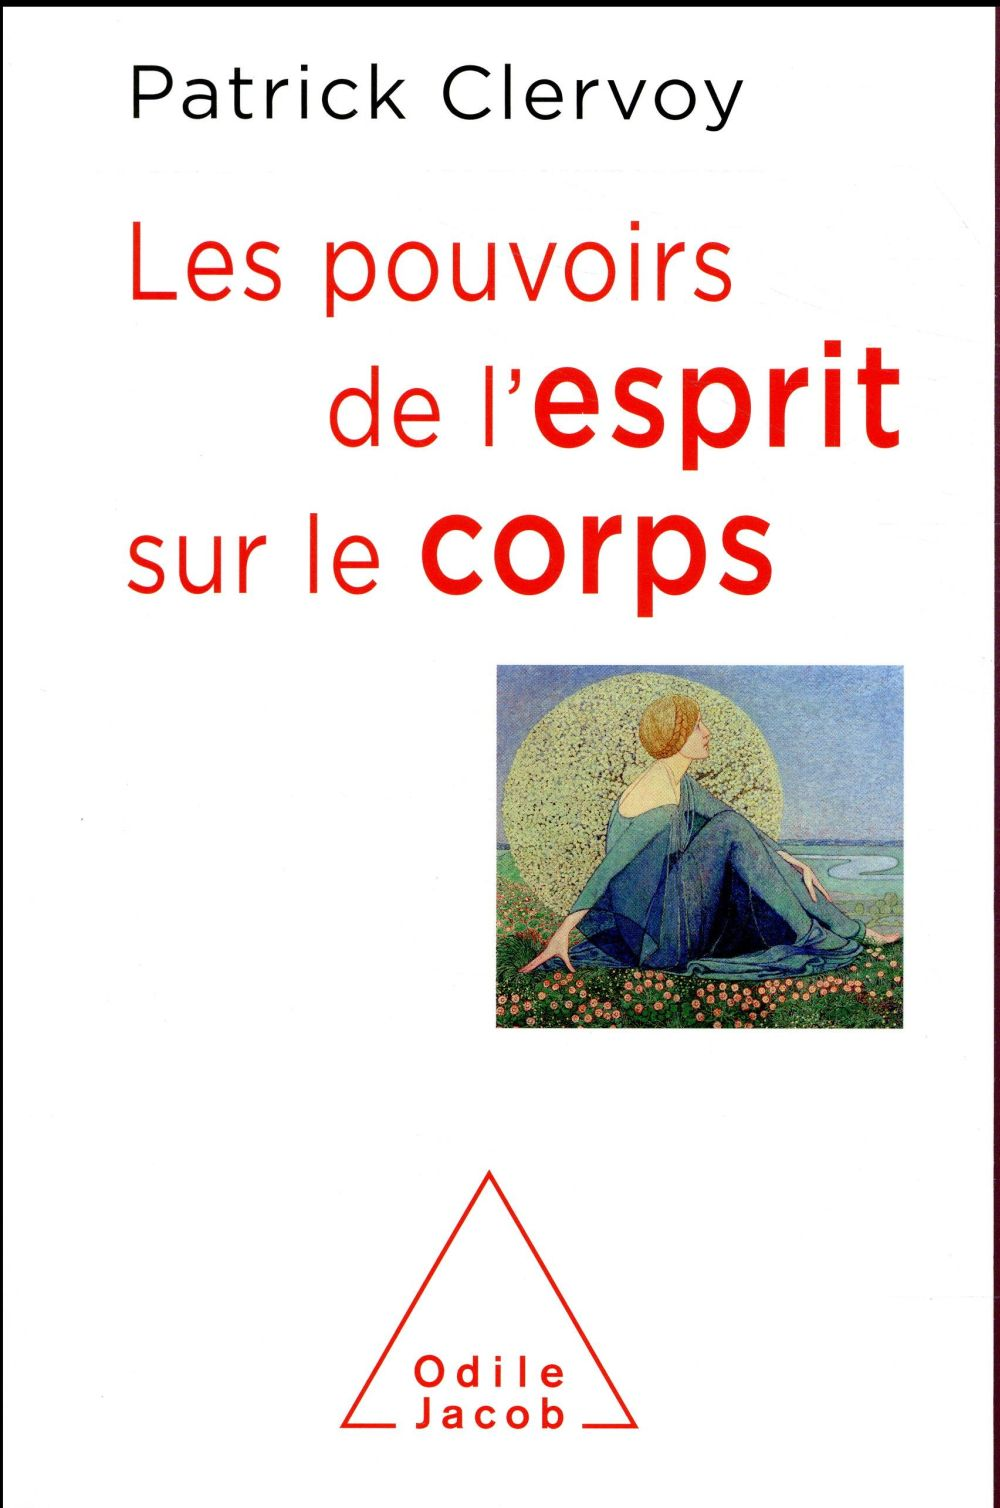 LES POUVOIRS DE L'ESPRIT SUR LE CORPS